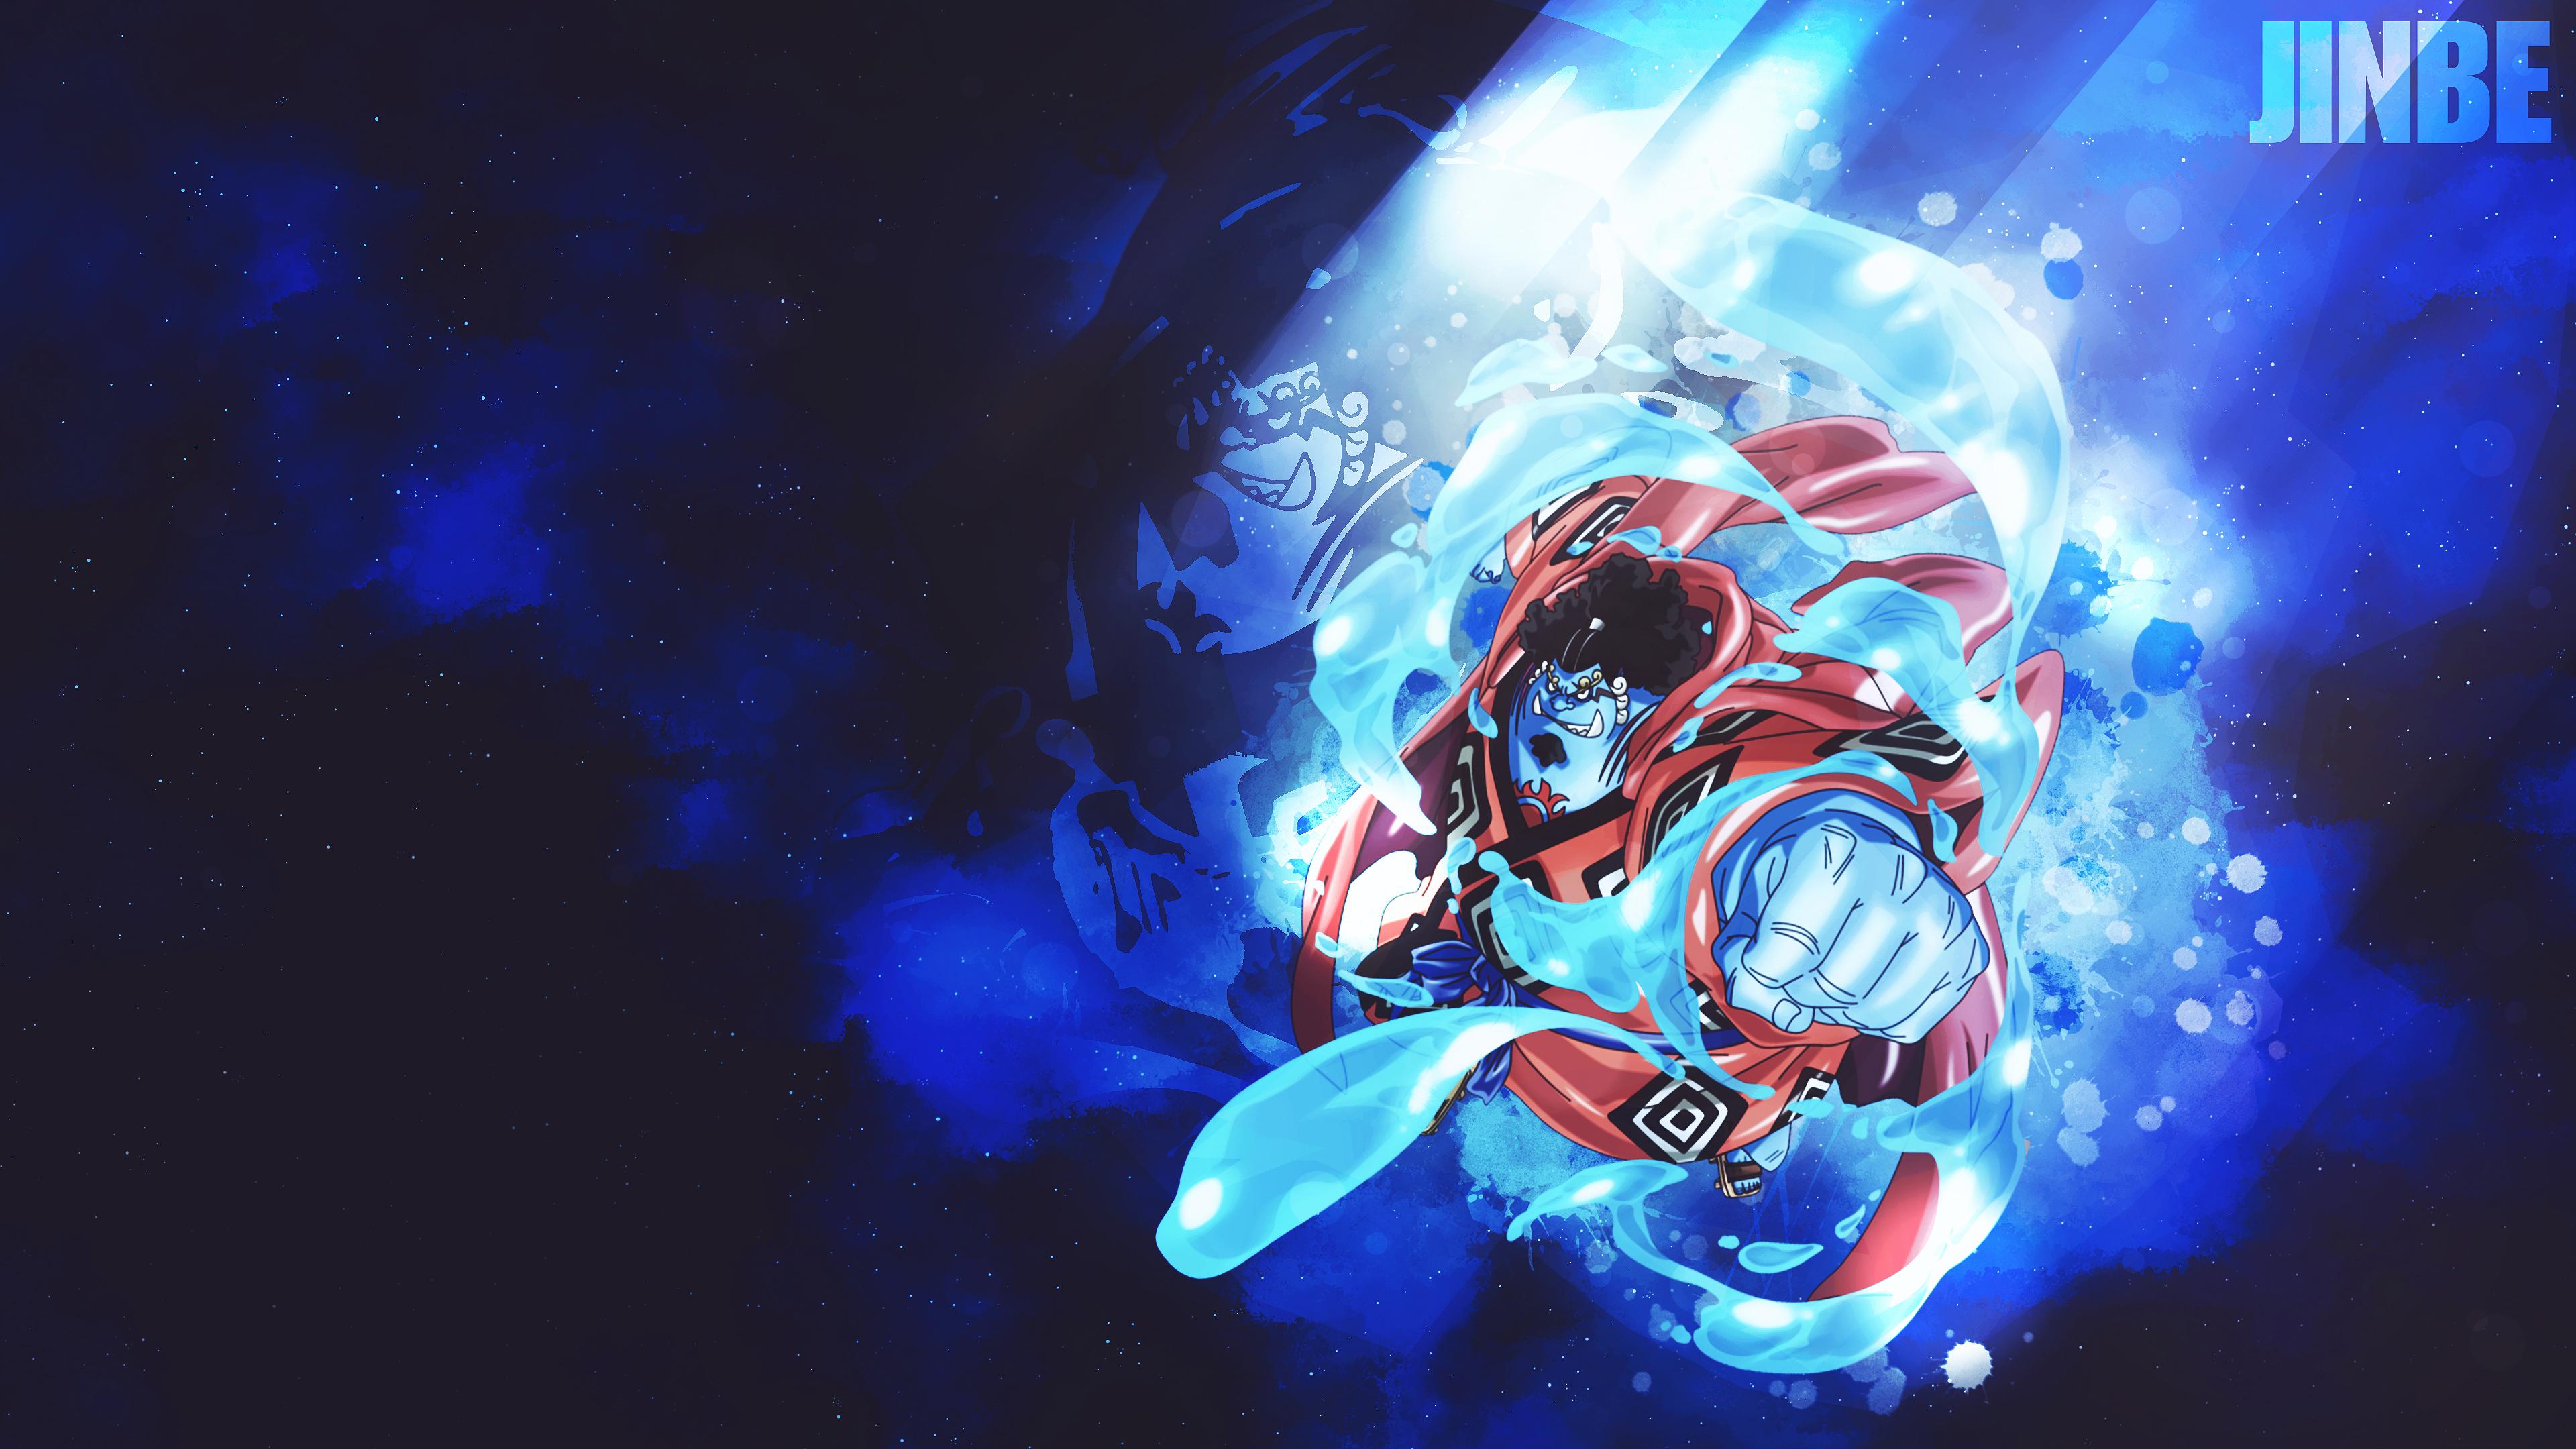 Resolution hd, ultra hd, 4k, 5k. Jinbe (One Piece) 4k Ultra HD Wallpaper | Background Image ...